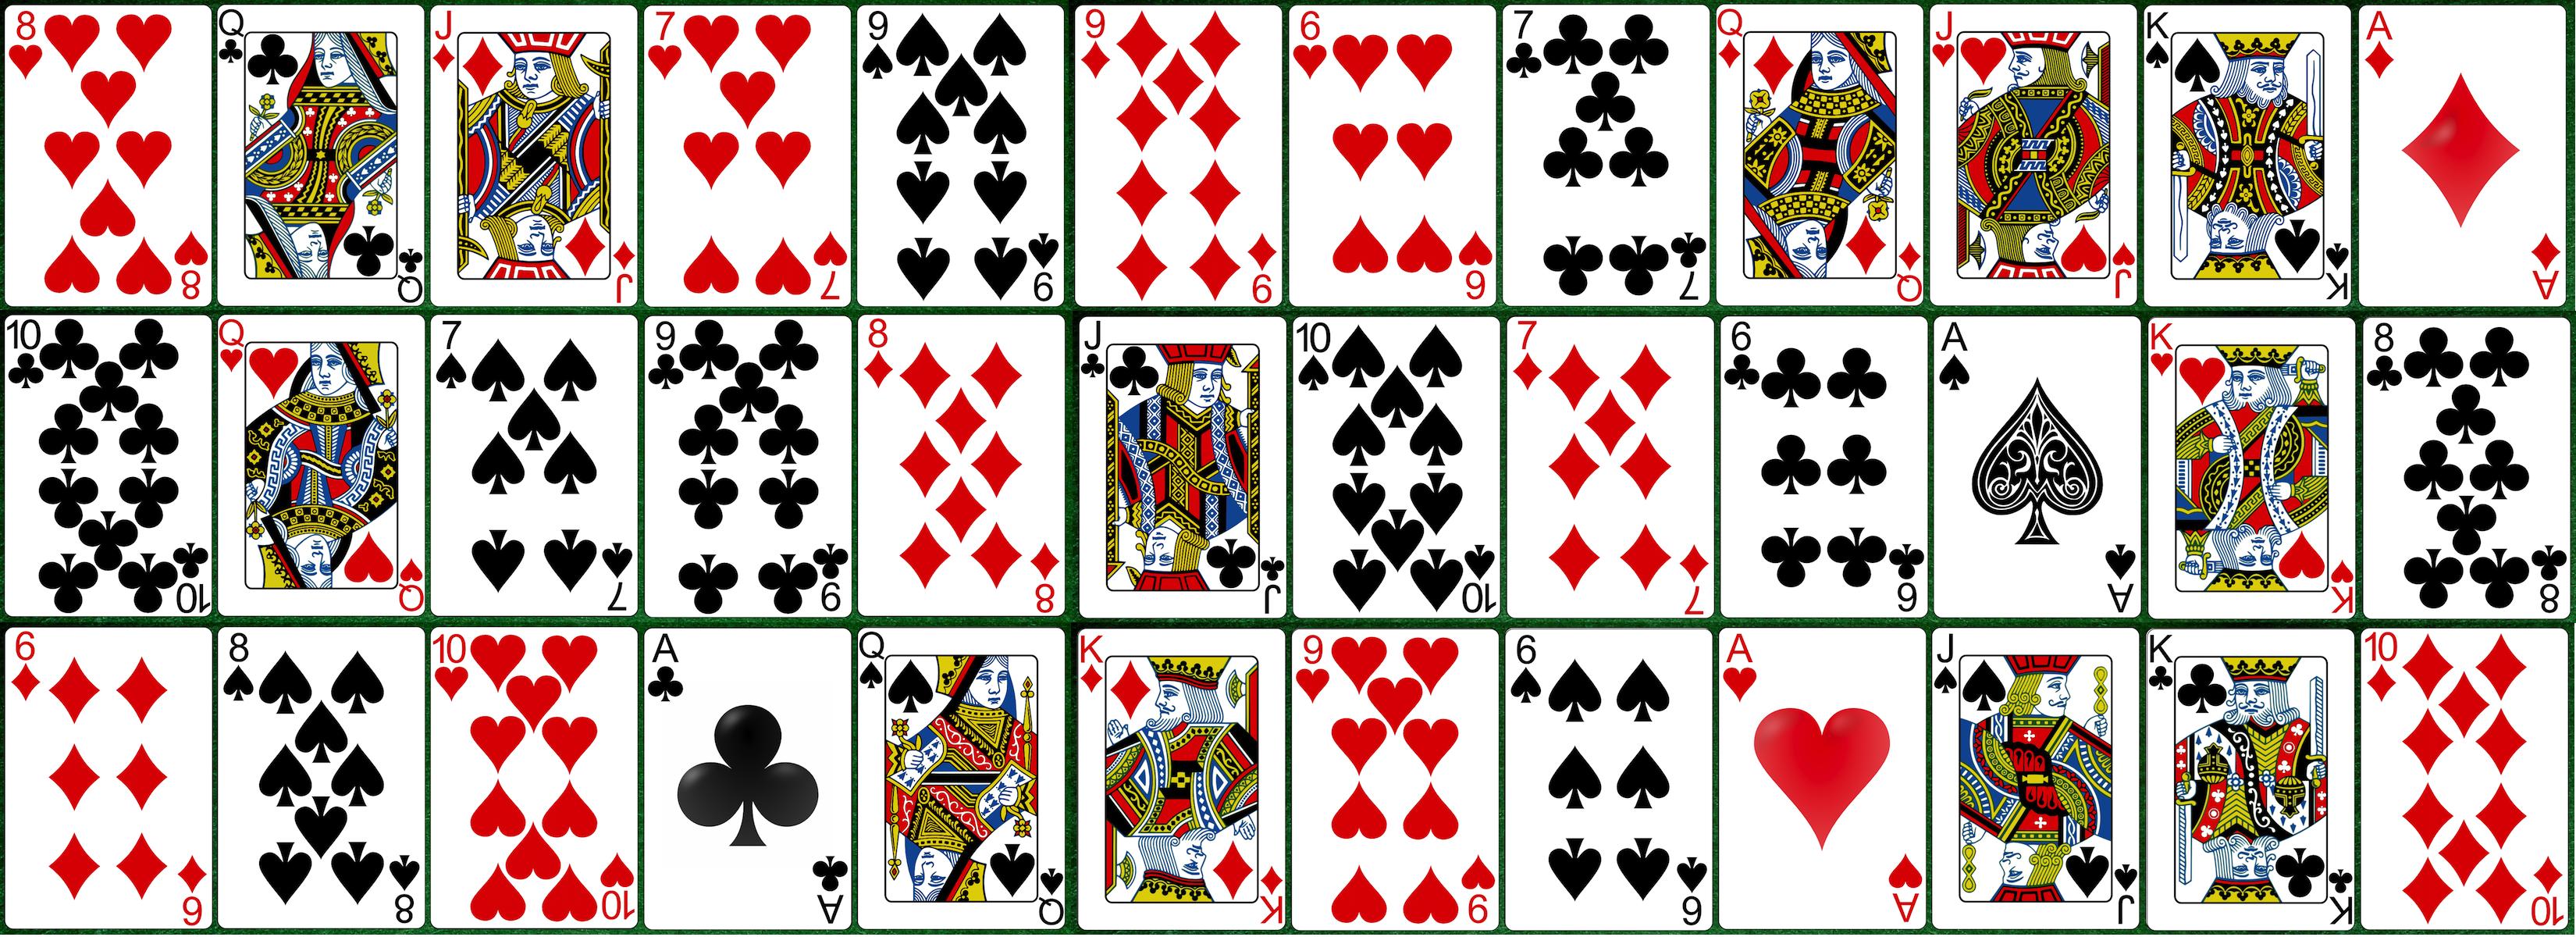 roulette color puzzle clue